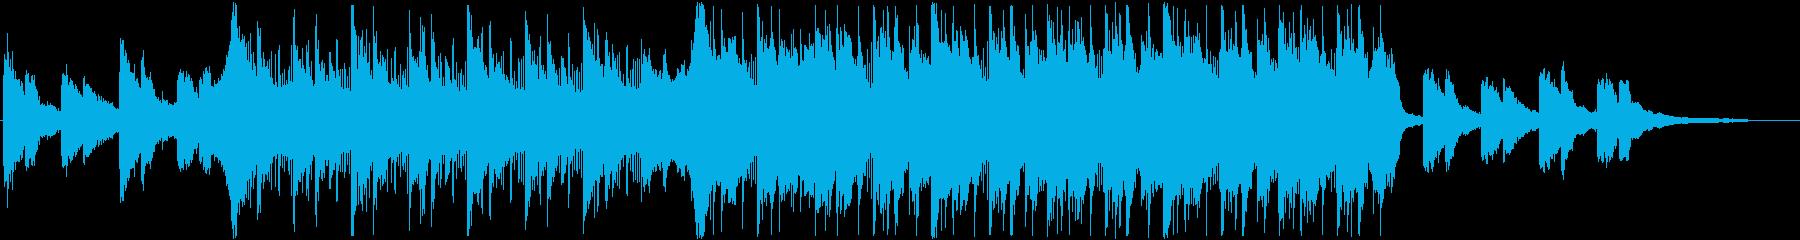 決断の時を表現したHip-Hop曲ハーフの再生済みの波形